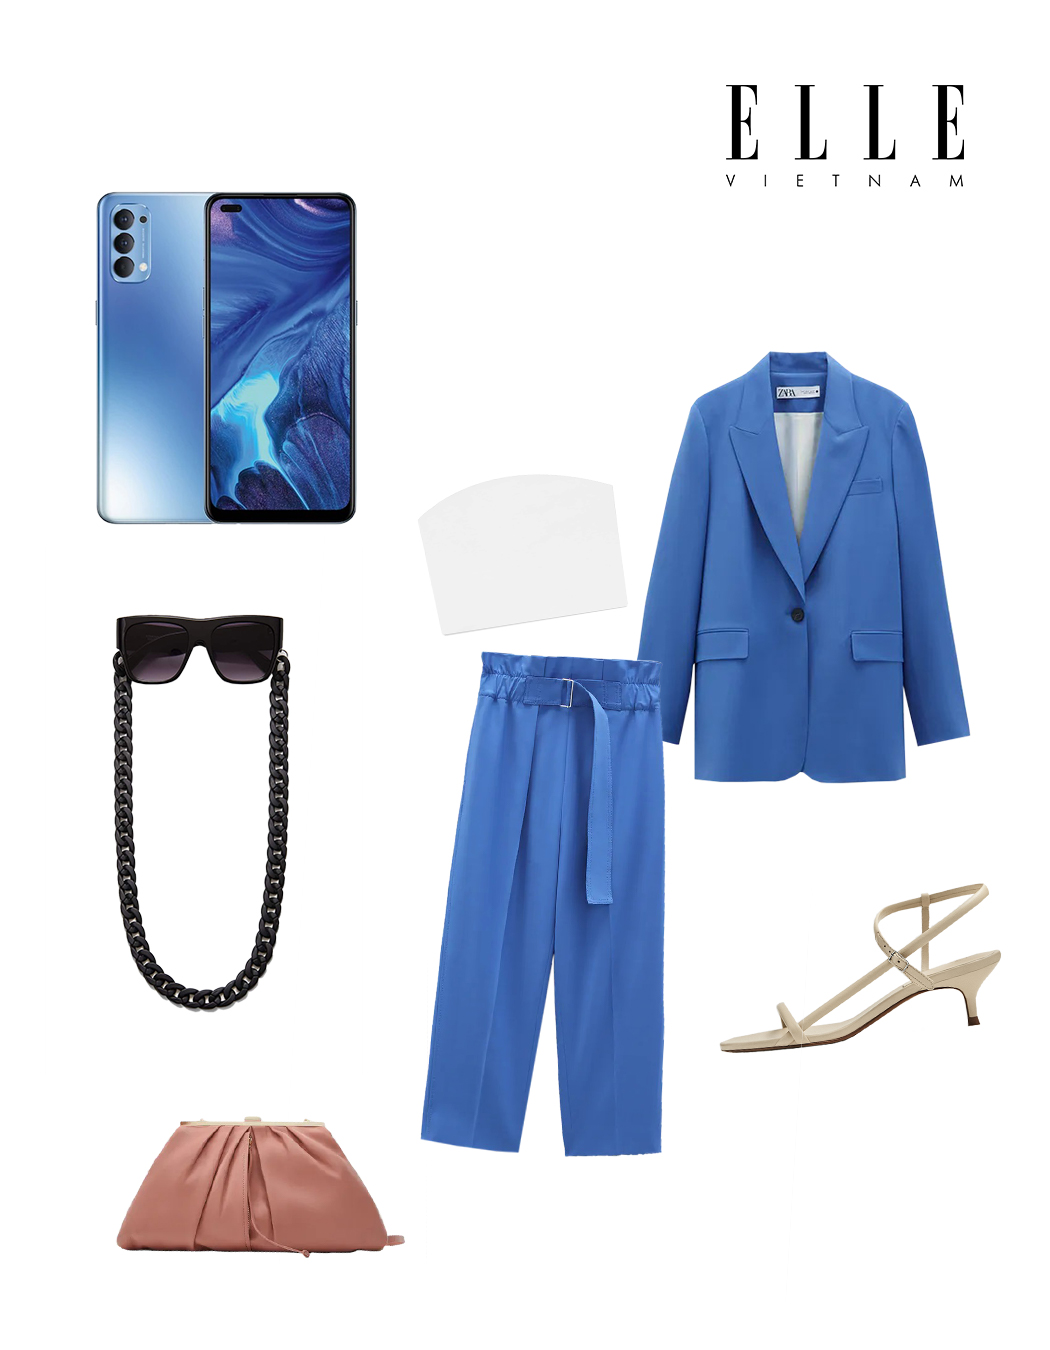 Phối đồ thời trang cùng điện thoại OPPO - Âu phục xanh dương